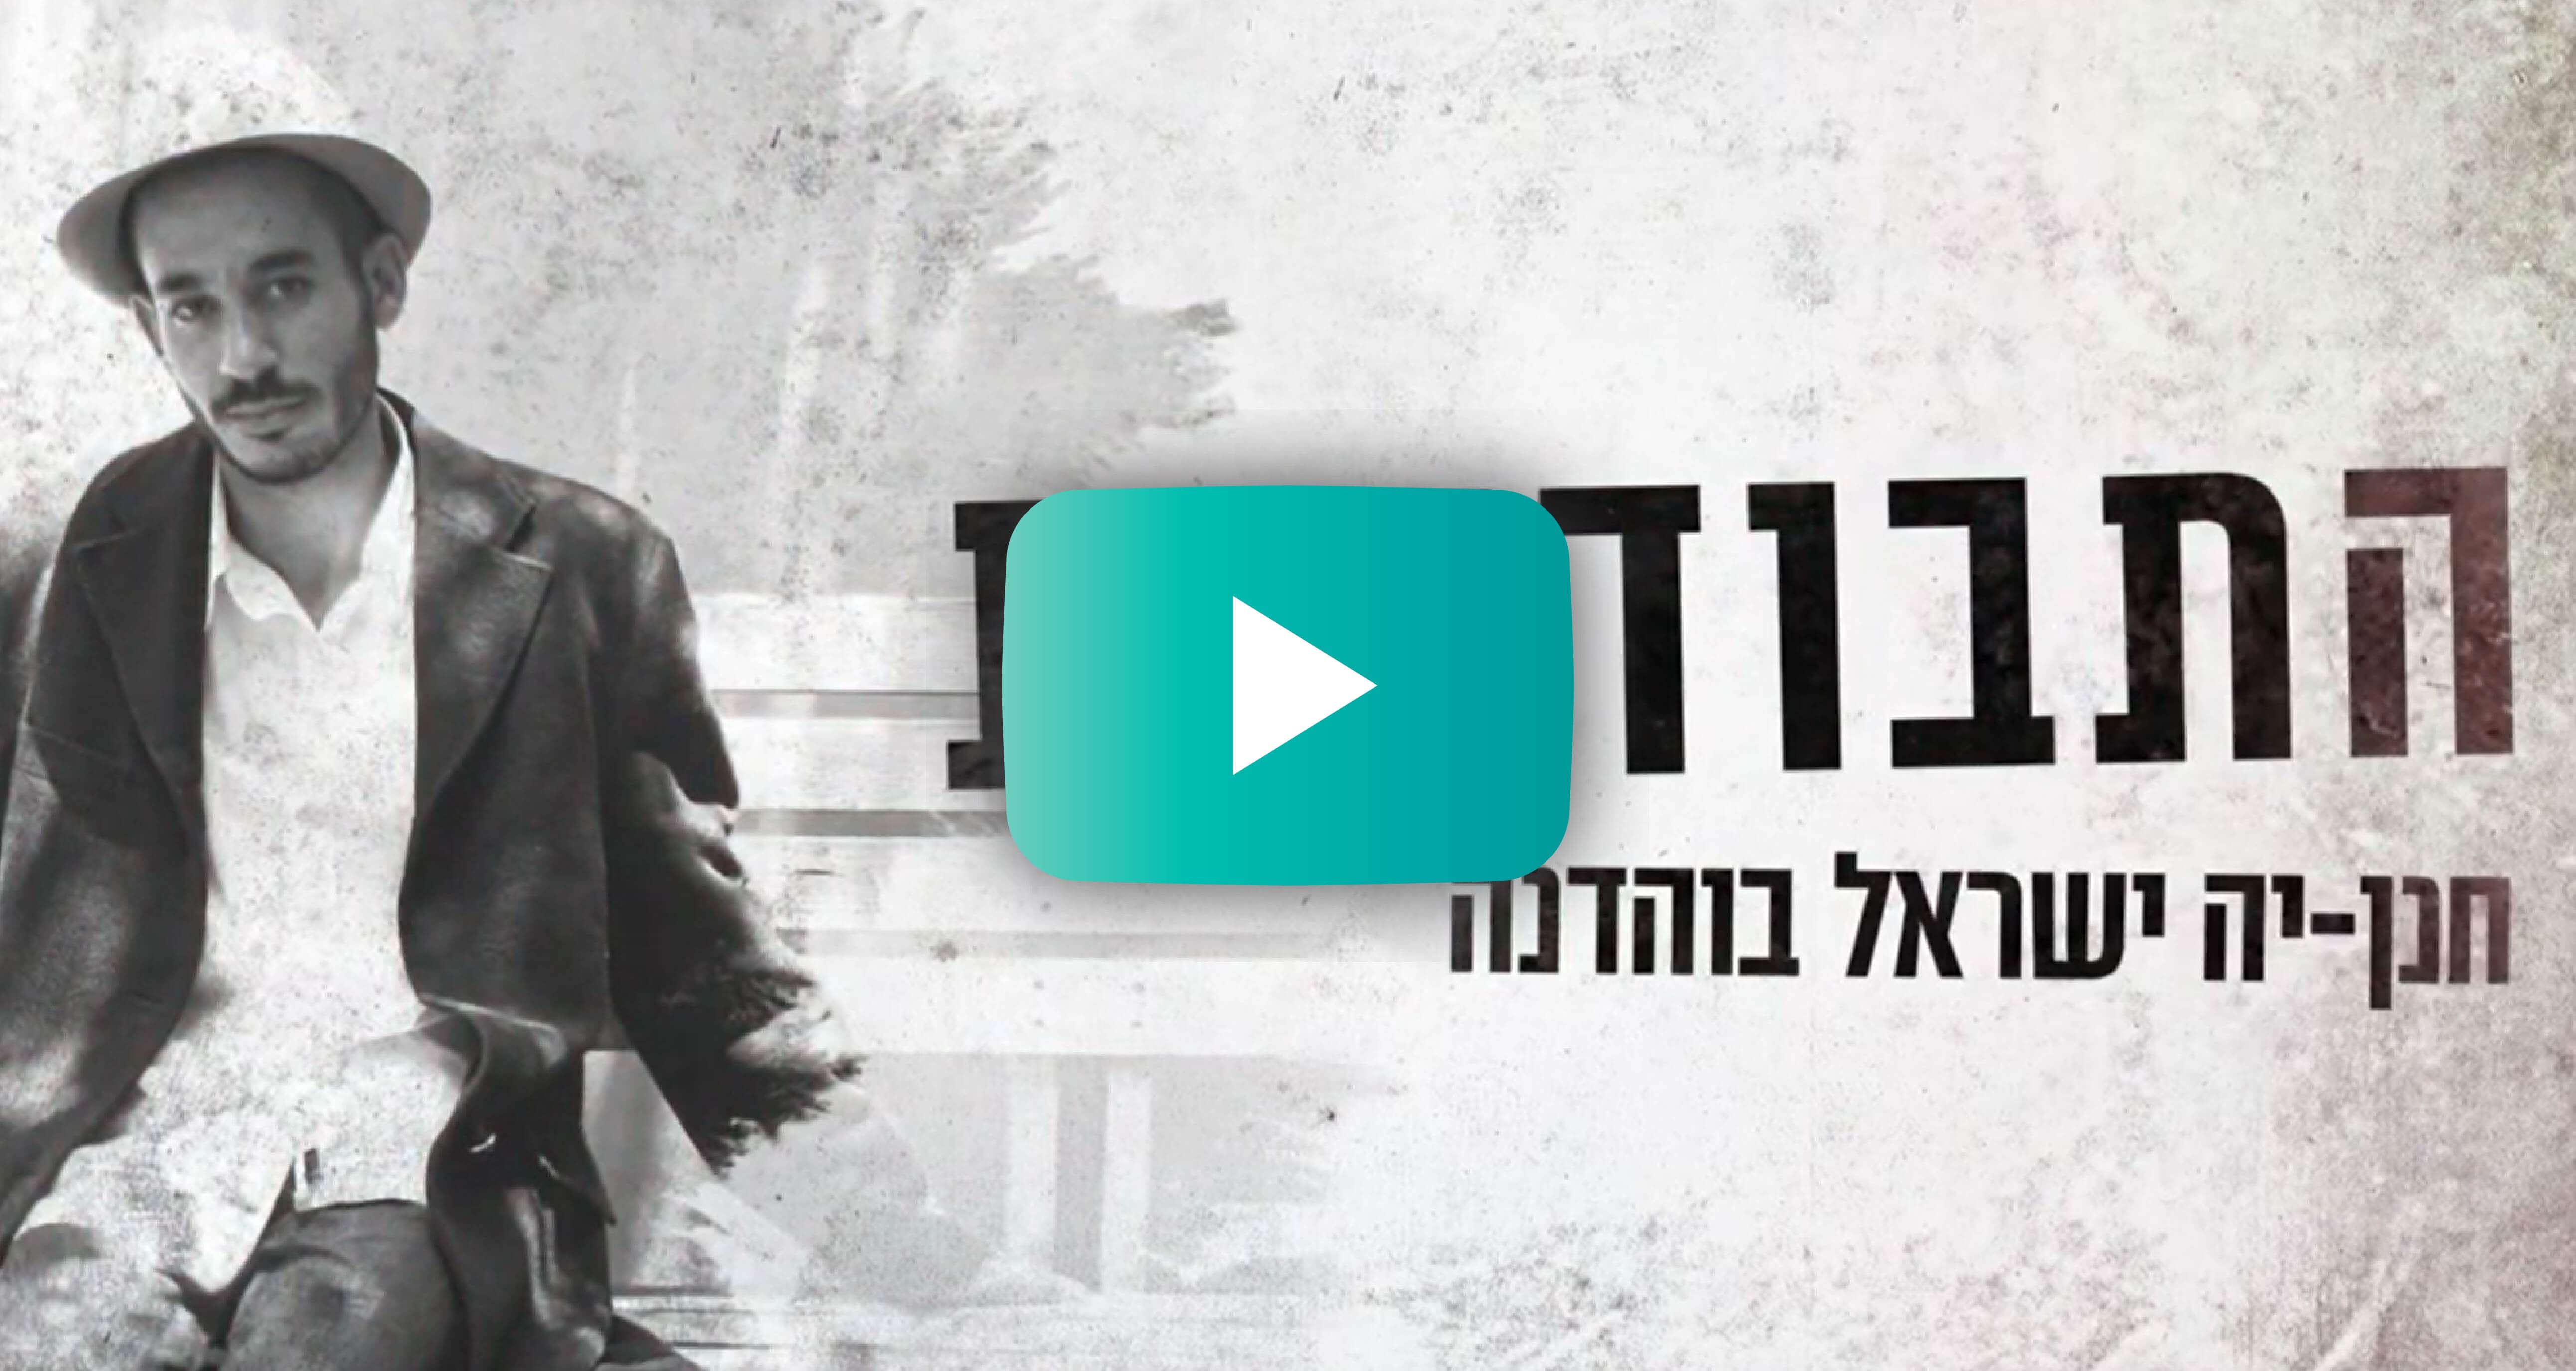 הפקות וידאו - קליפ שיר חנן יה ישראל בוהדנה